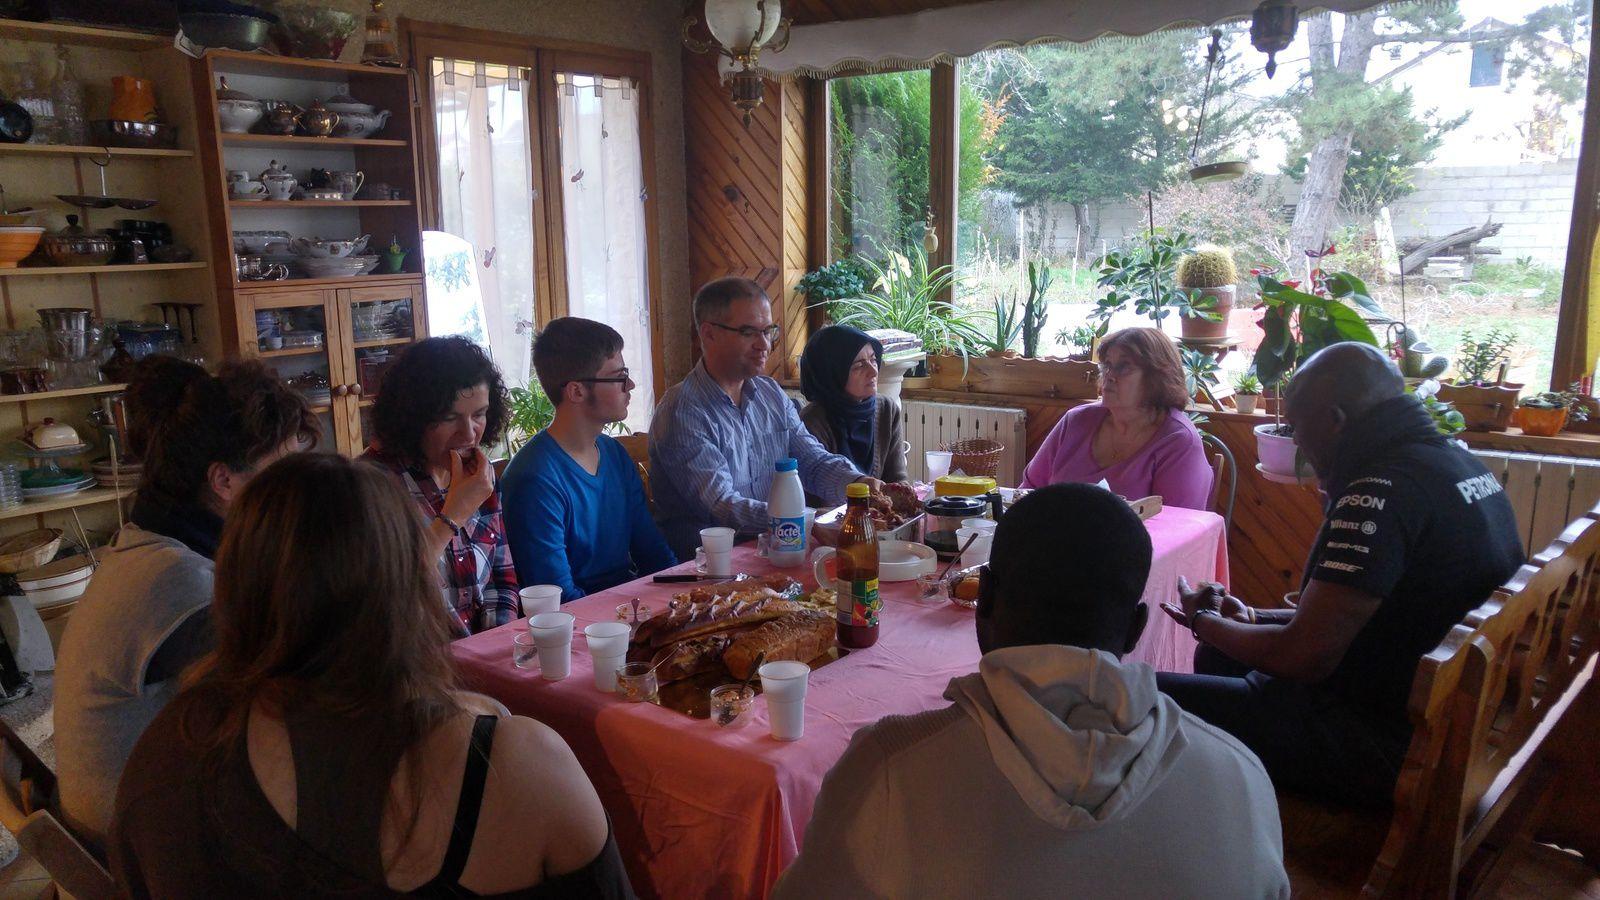 Rencontre à Carrières-sous-poissy avec des internautes de donnons.org !